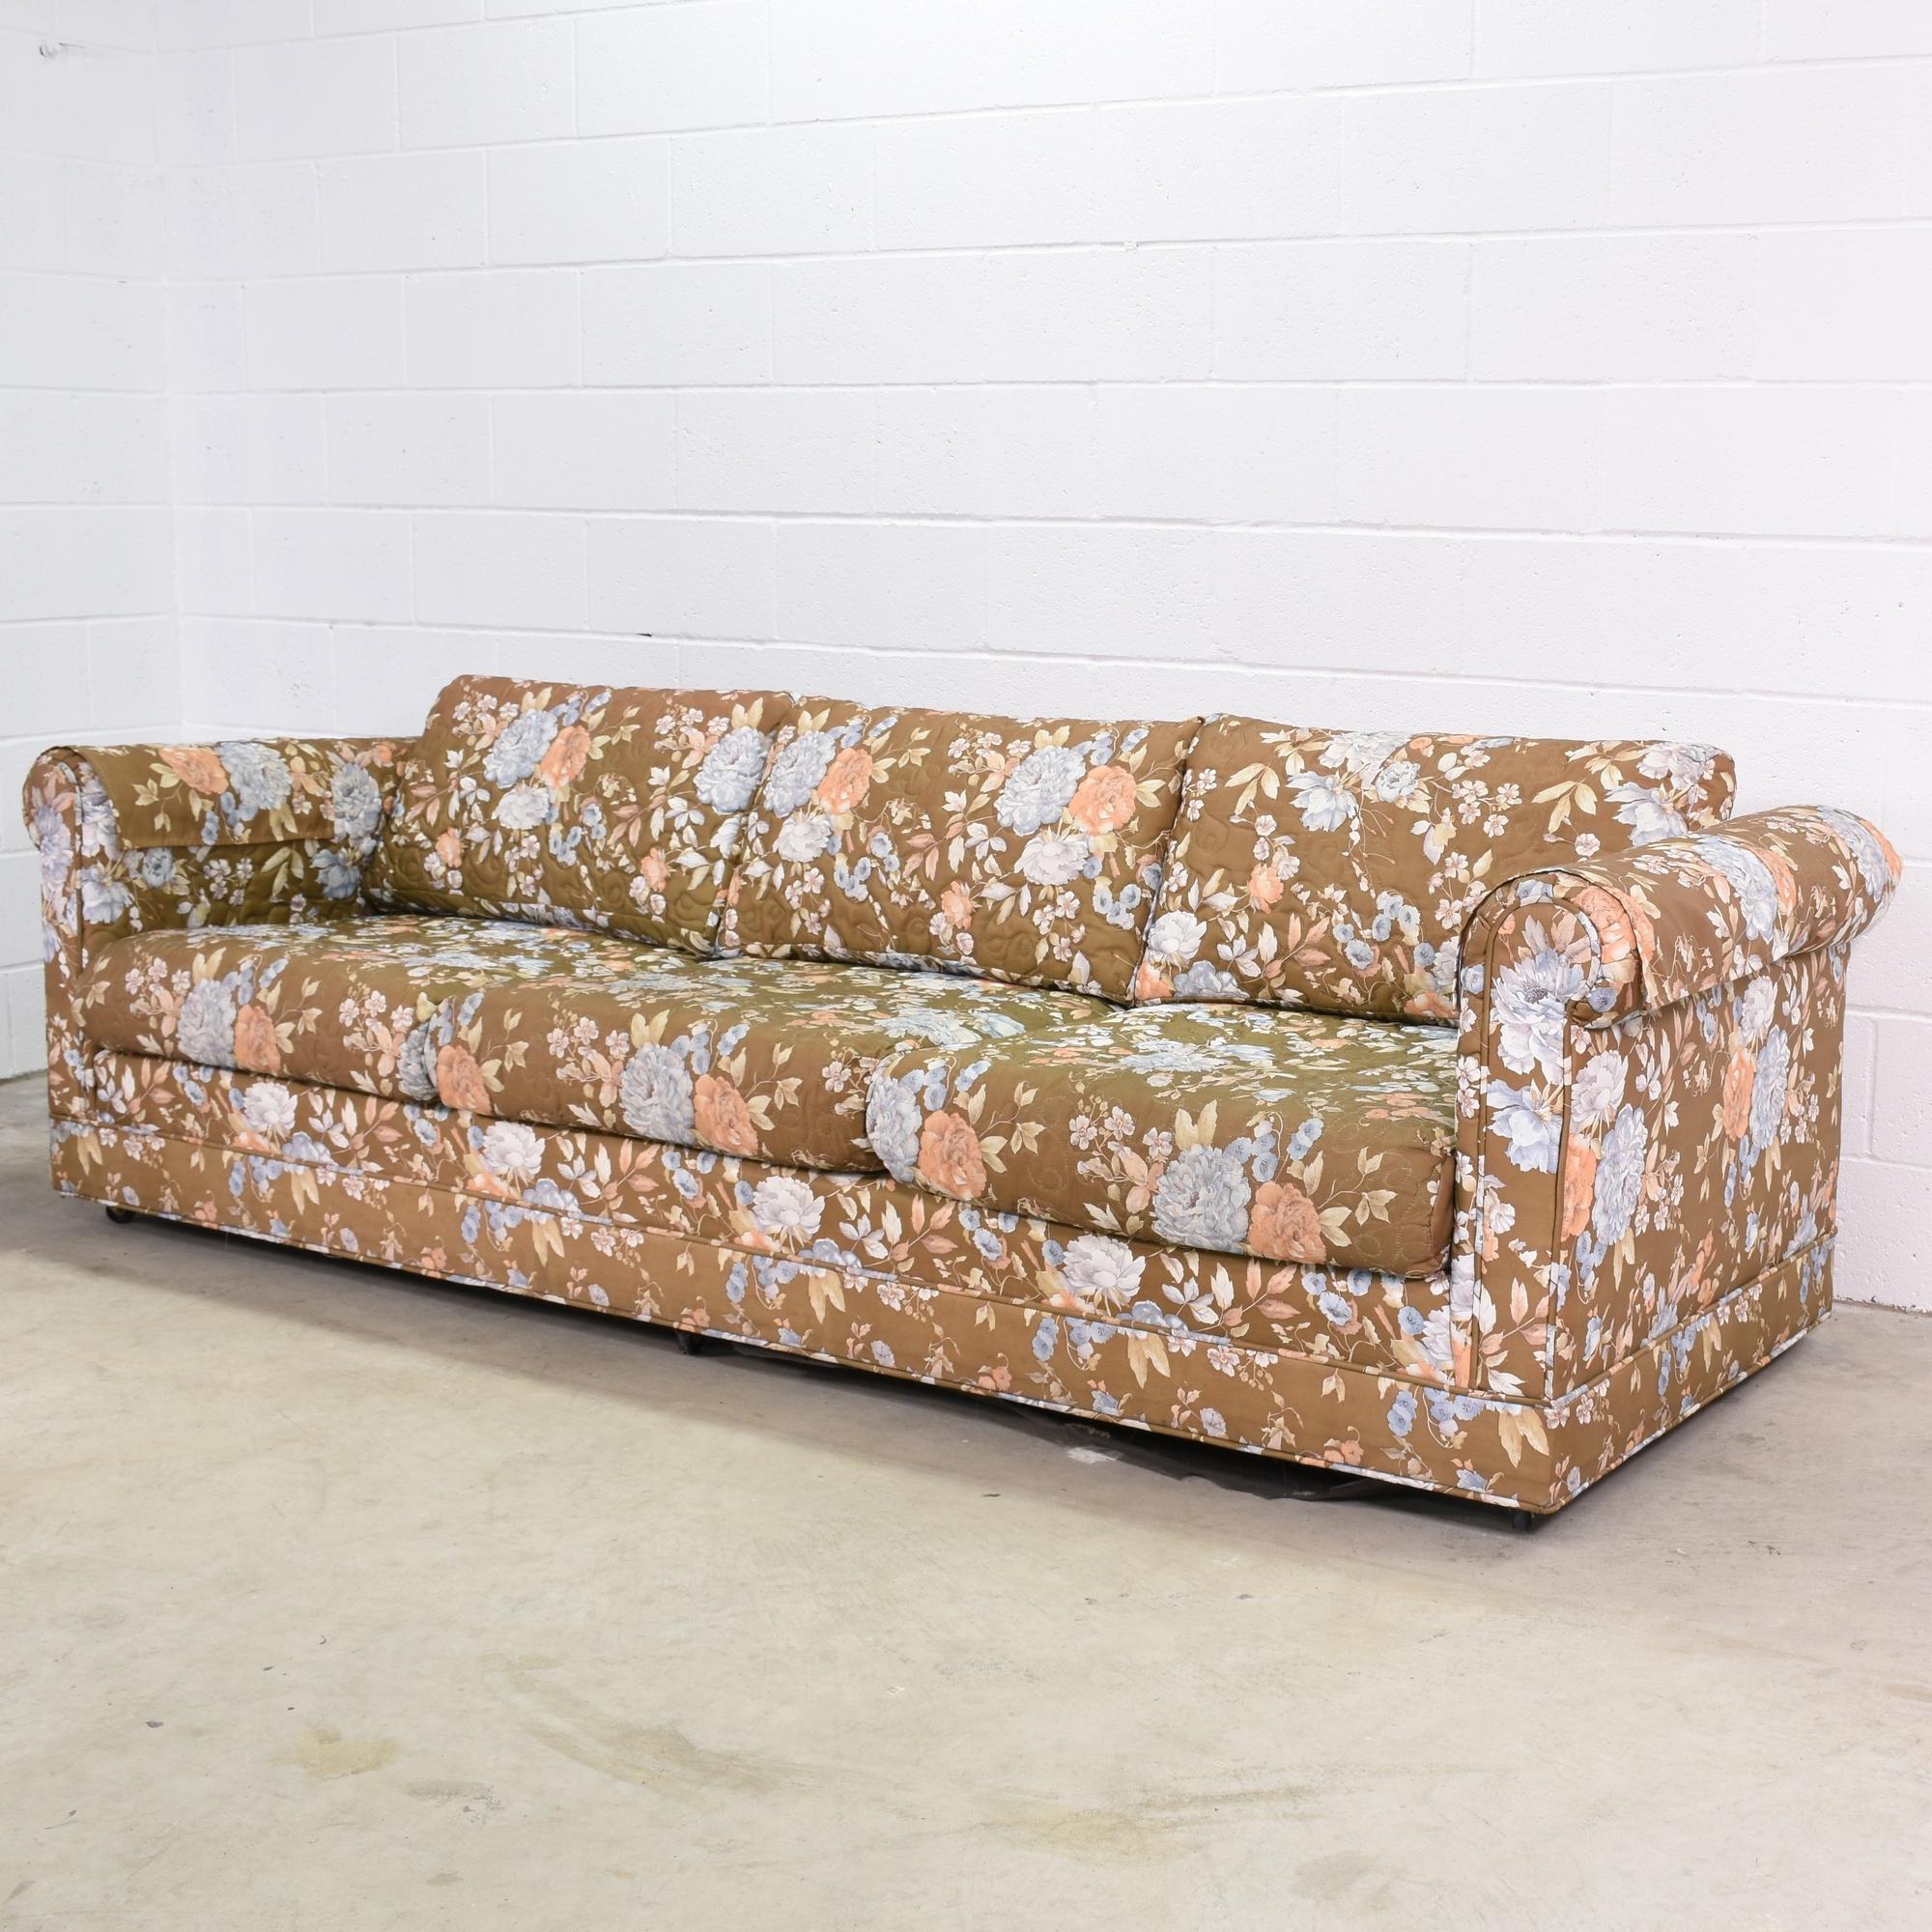 Long Retro Sofa In Brown Floral Print Loveseat Vintage Furniture San Diego Los Angeles